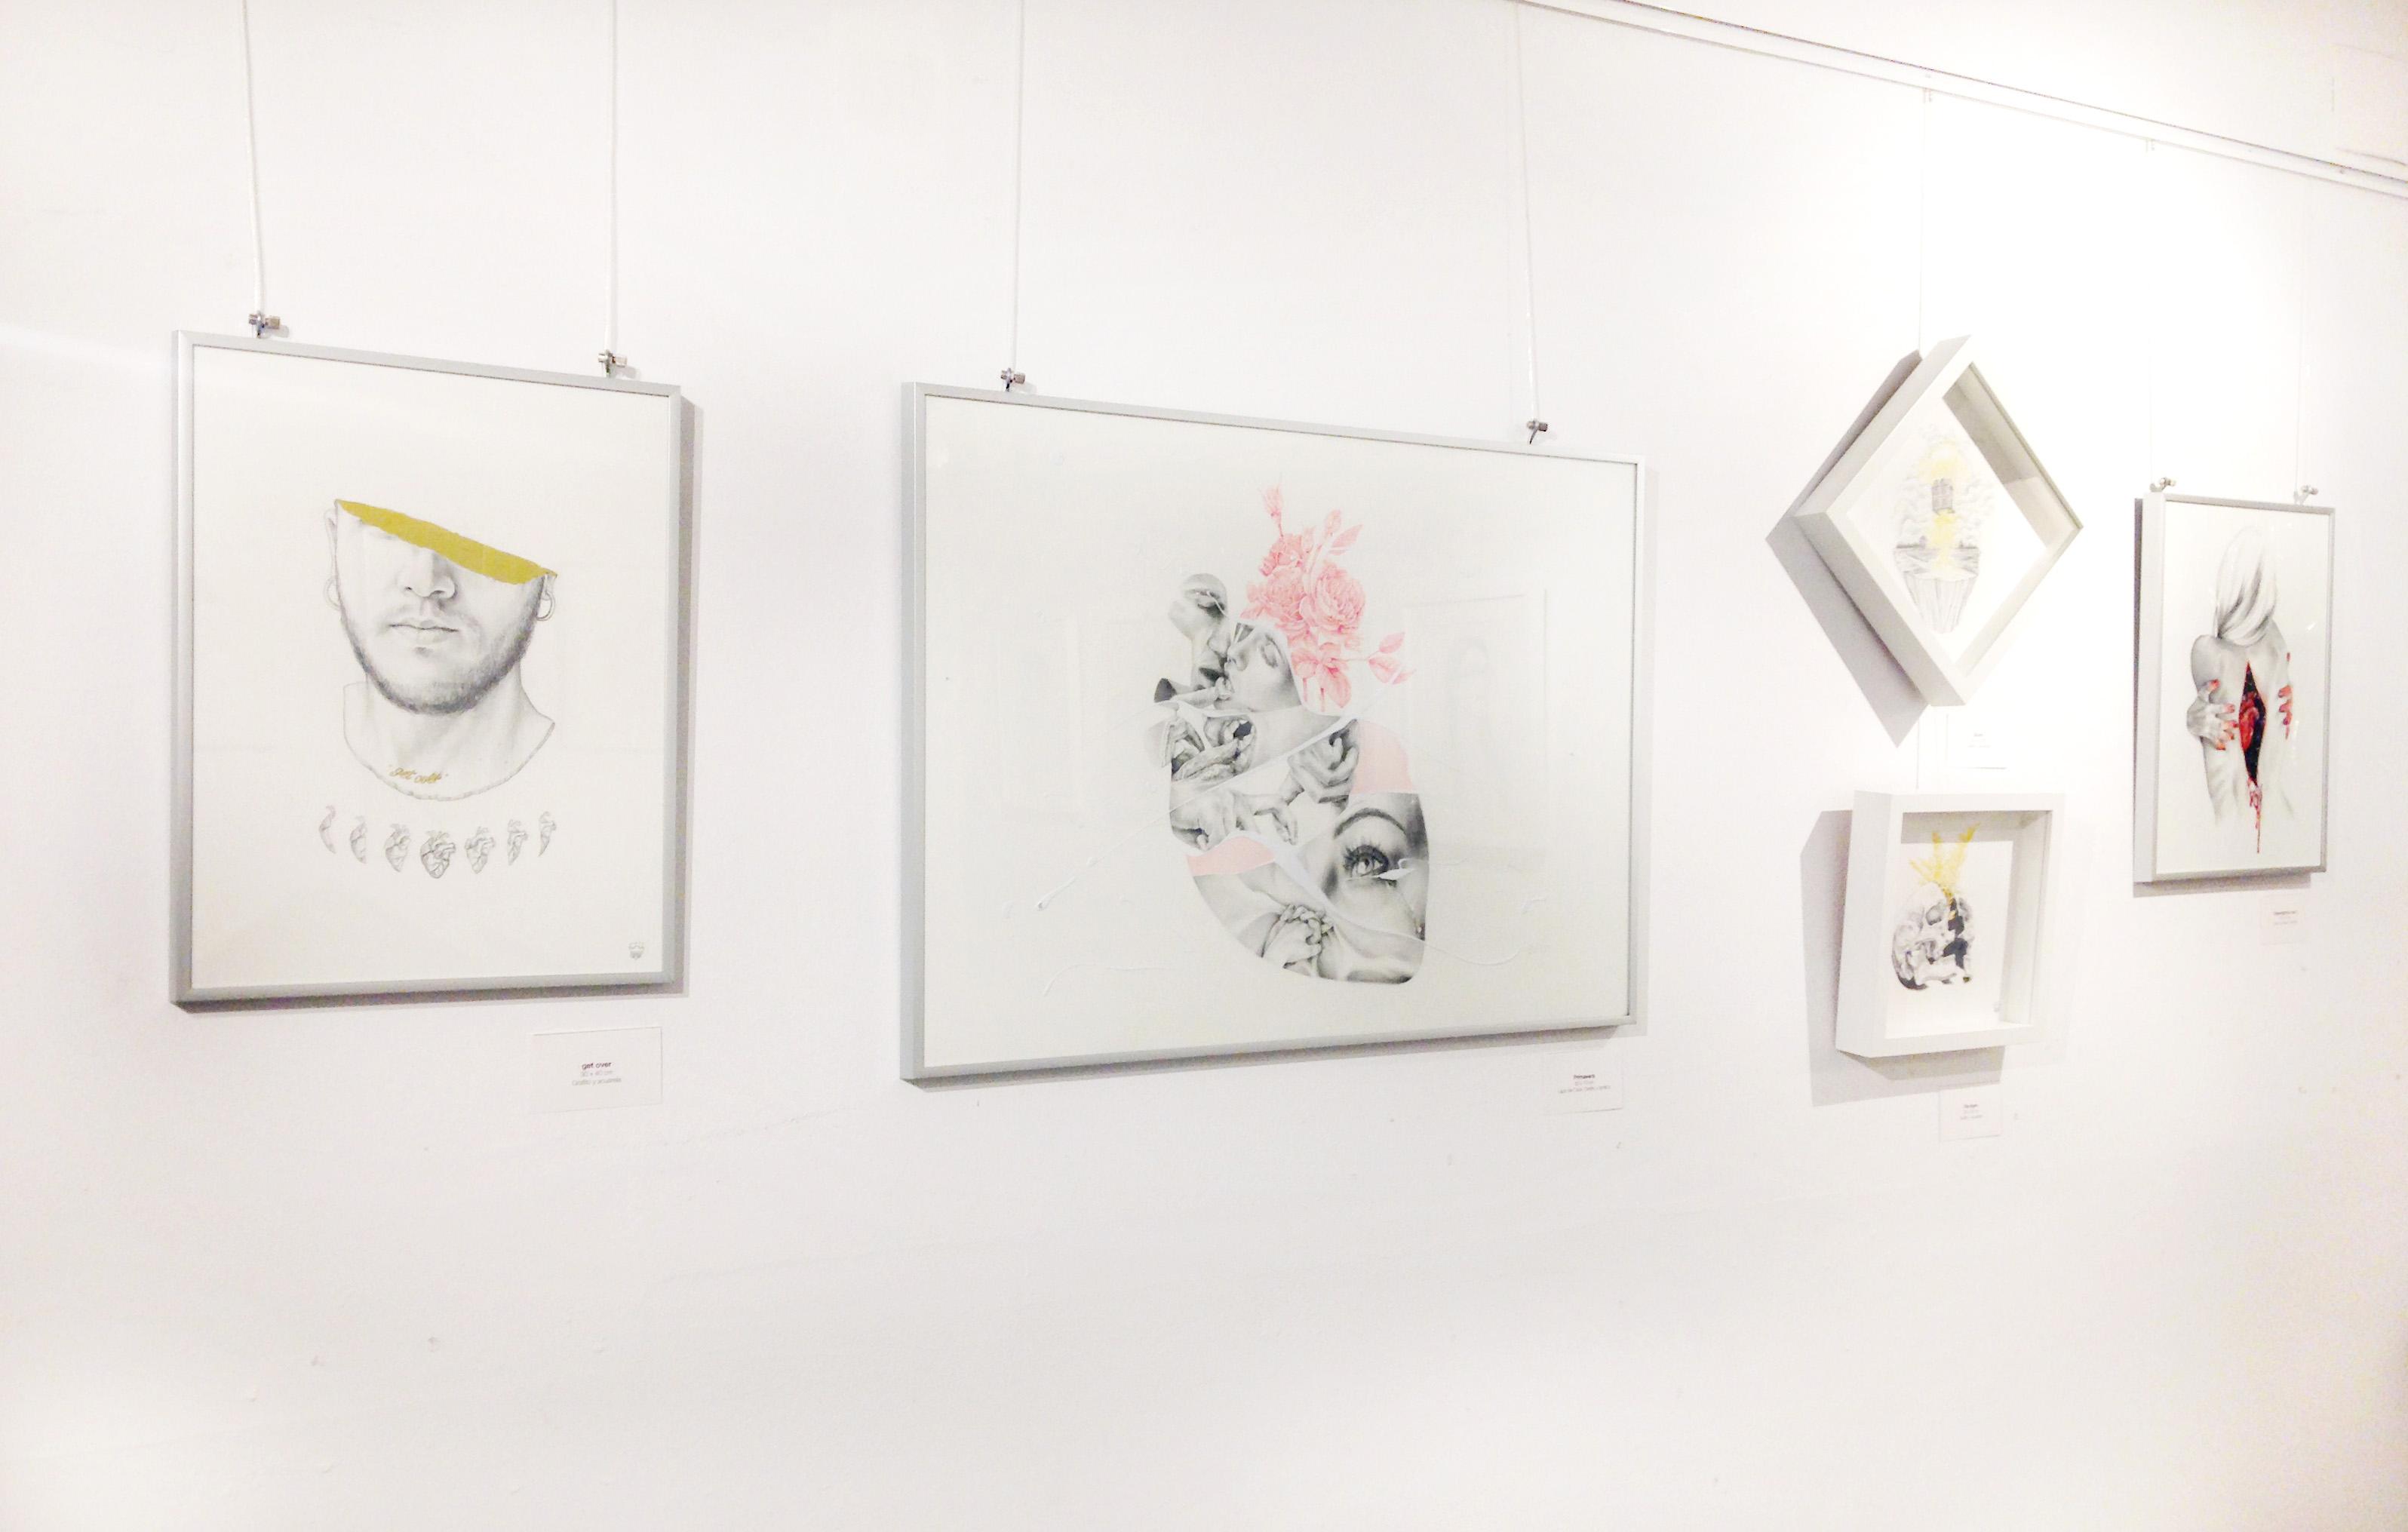 exposicion de arte con Javier Rubin sandra de la cruz y giselle vitali